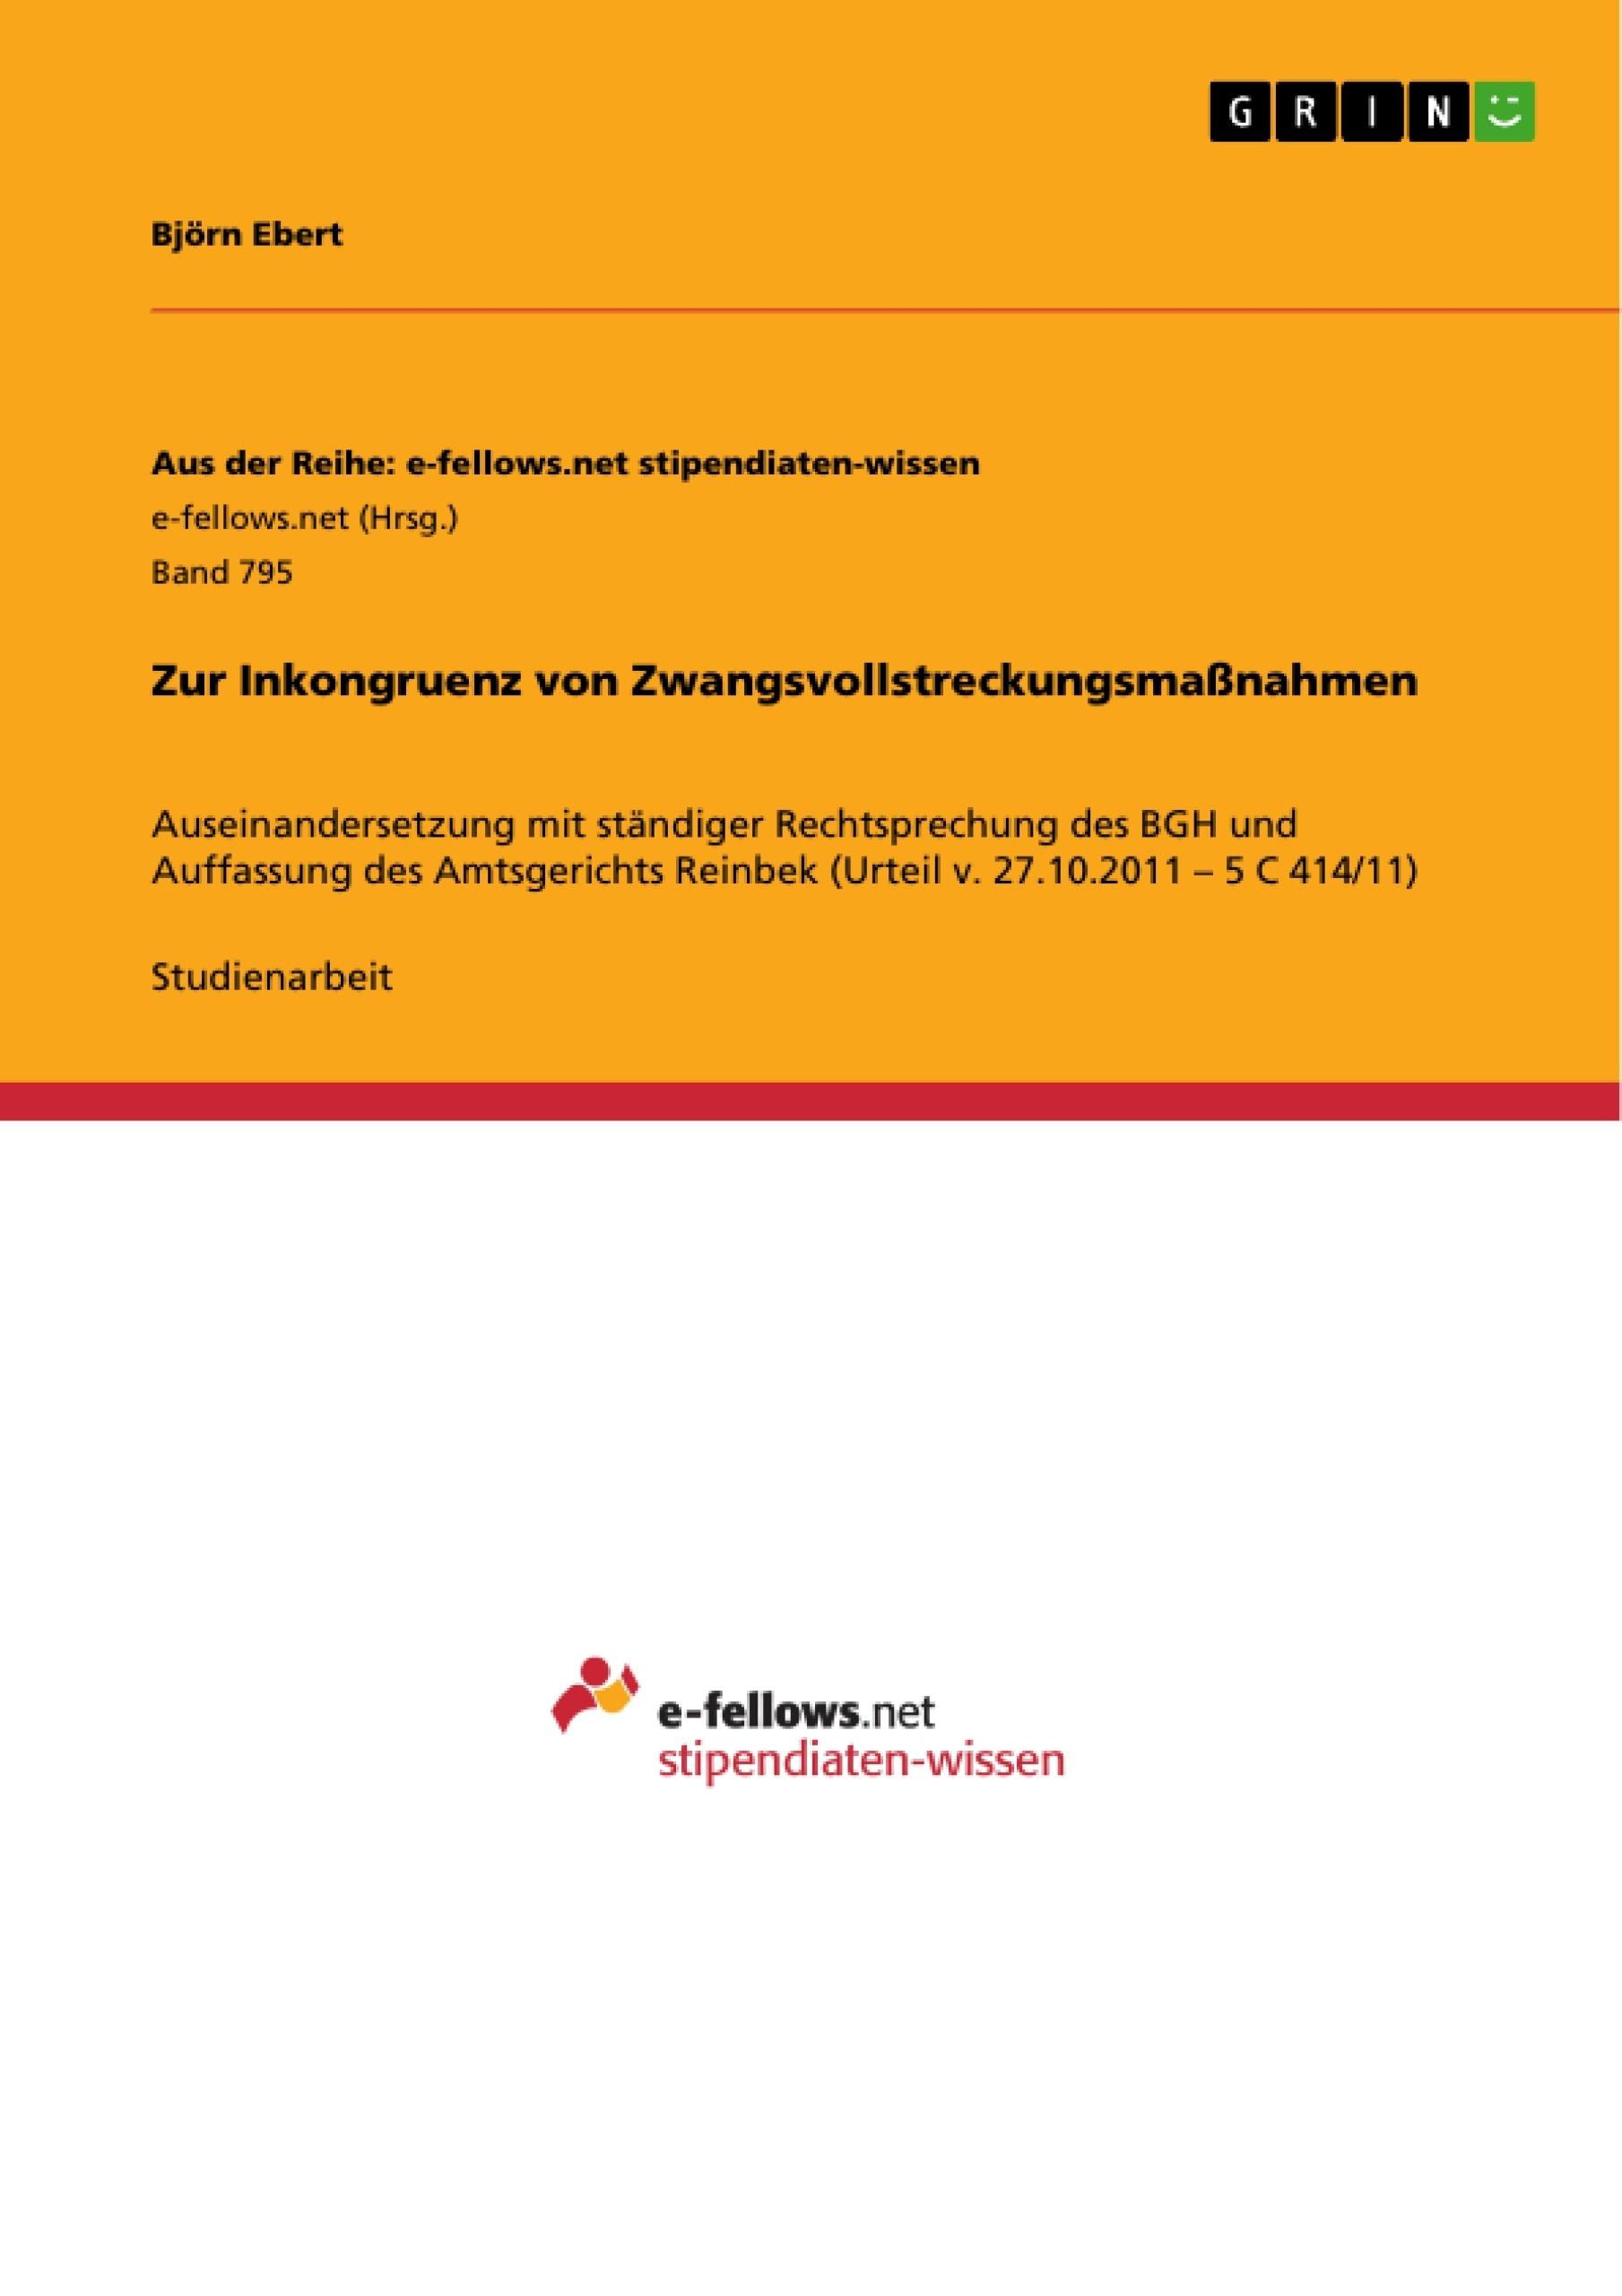 Titel: Zur Inkongruenz von Zwangsvollstreckungsmaßnahmen